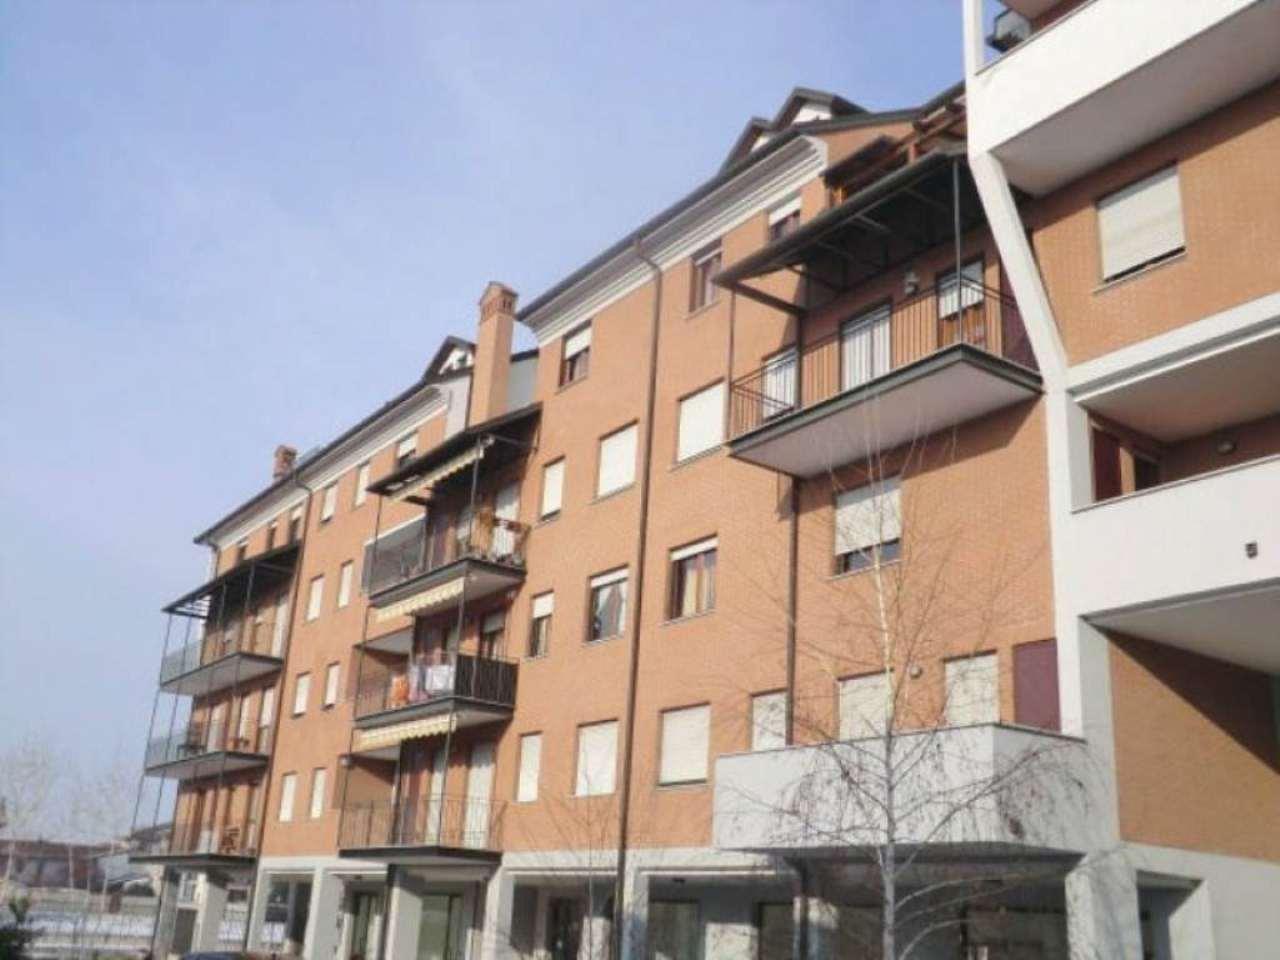 Appartamento in vendita a Trecate, 5 locali, prezzo € 110.000 | CambioCasa.it